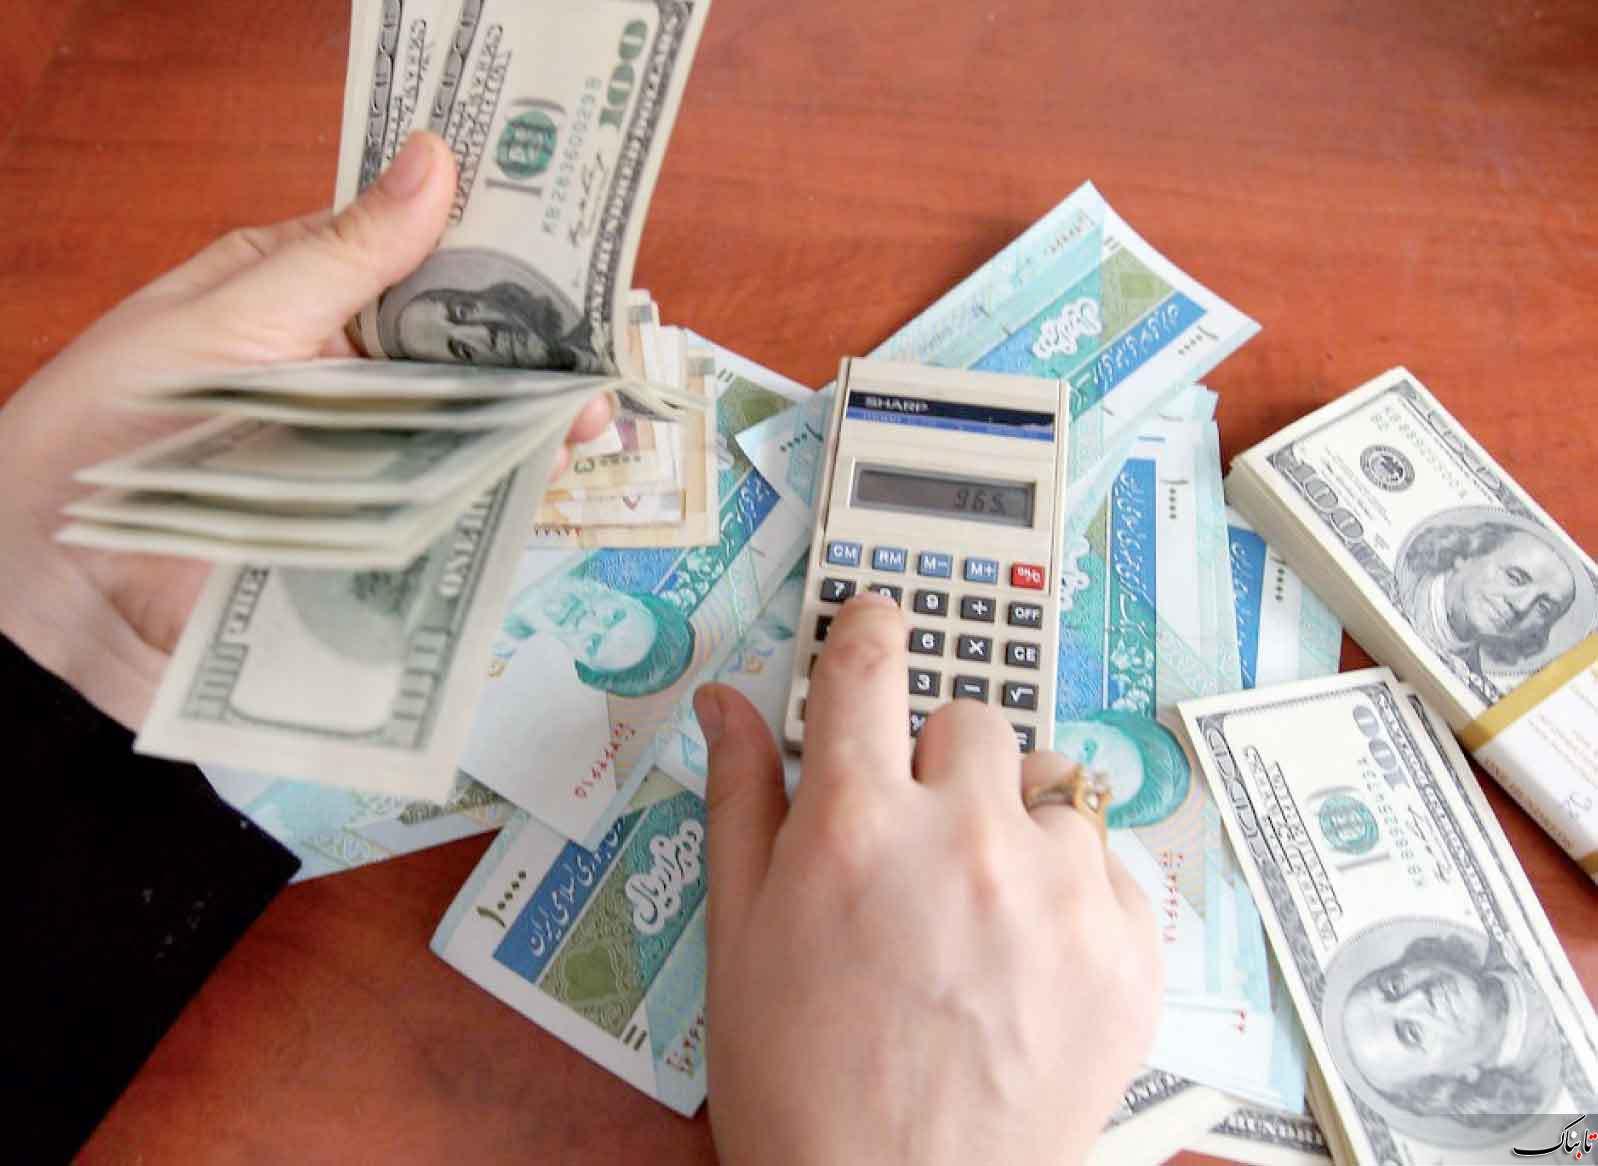 افت هفتگی 6/ 0 درصدی دلار آمریکا پس از 2 هفته صعودی در بازار آزاد